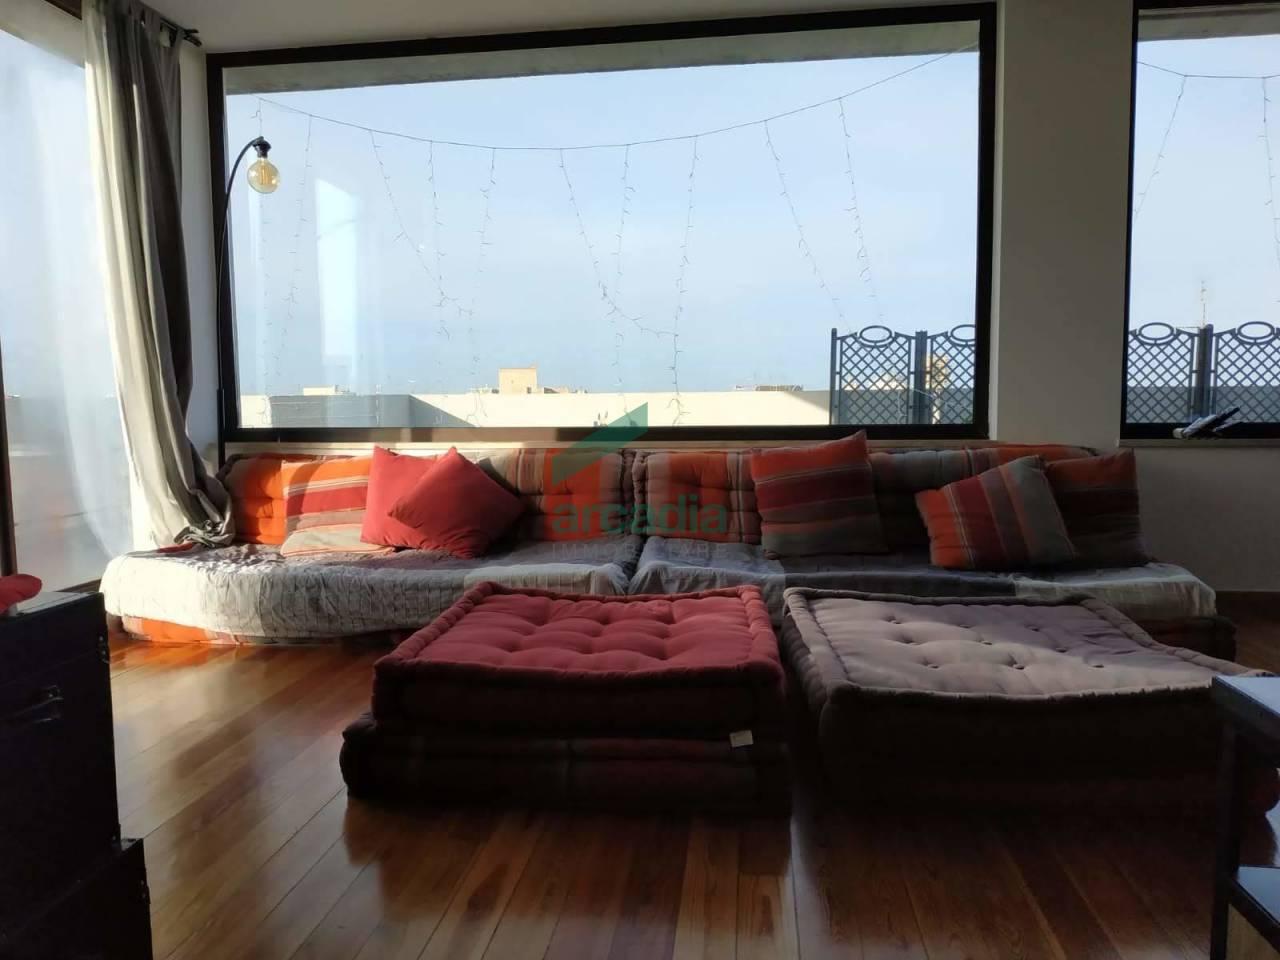 Attico / Mansarda in vendita a Bari, 4 locali, prezzo € 249.000   CambioCasa.it